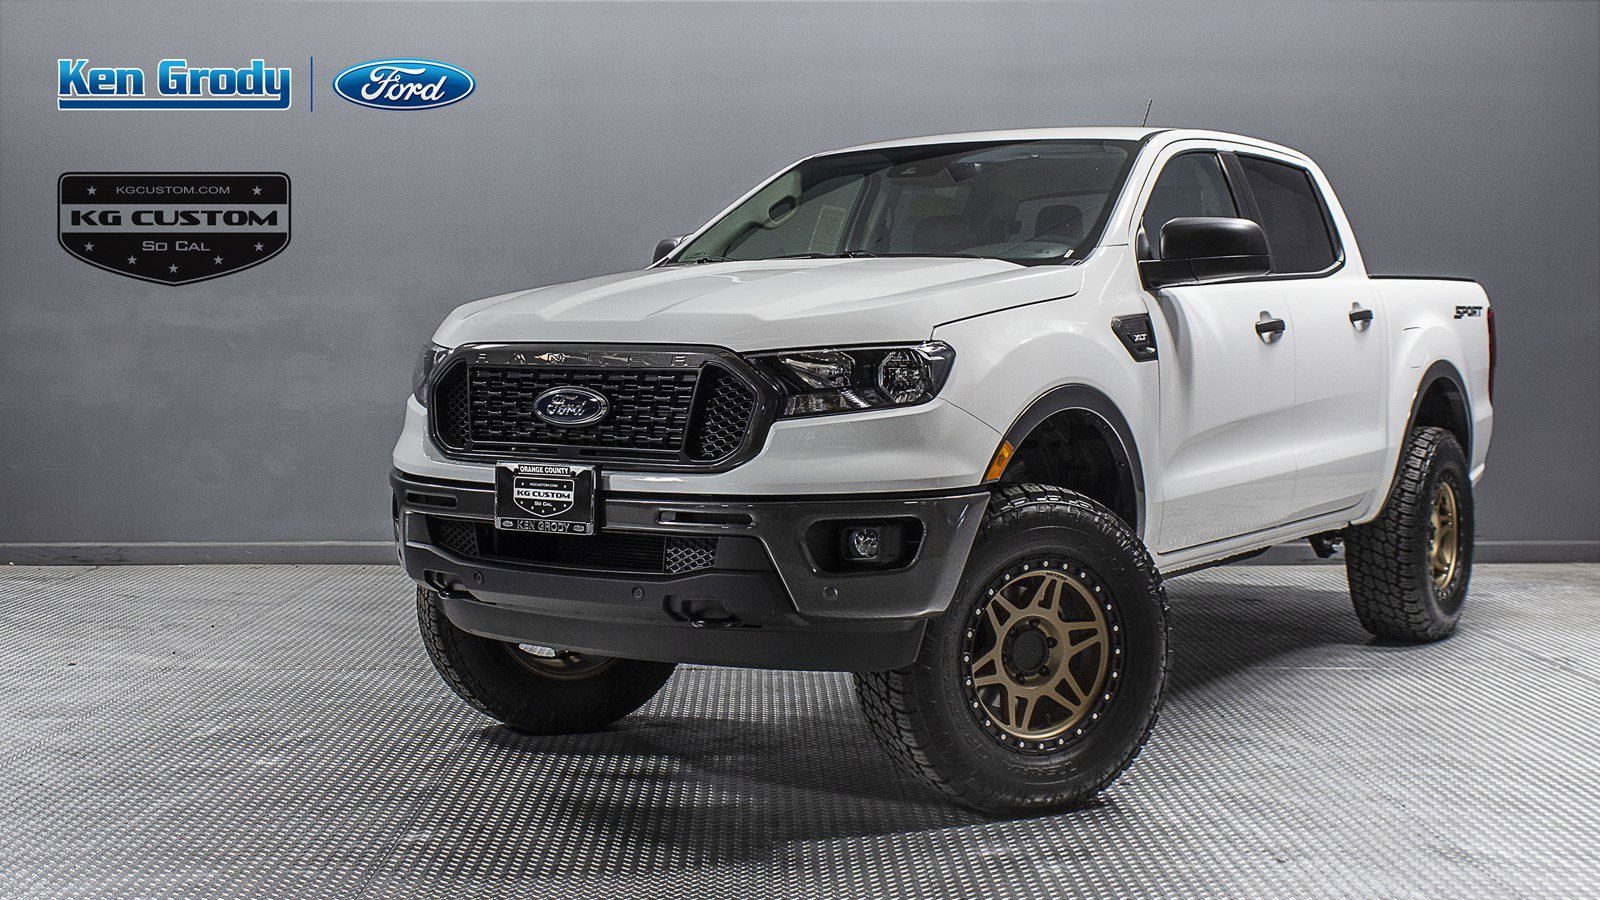 New 2019 Ford Ranger XLT KG CUSTOM